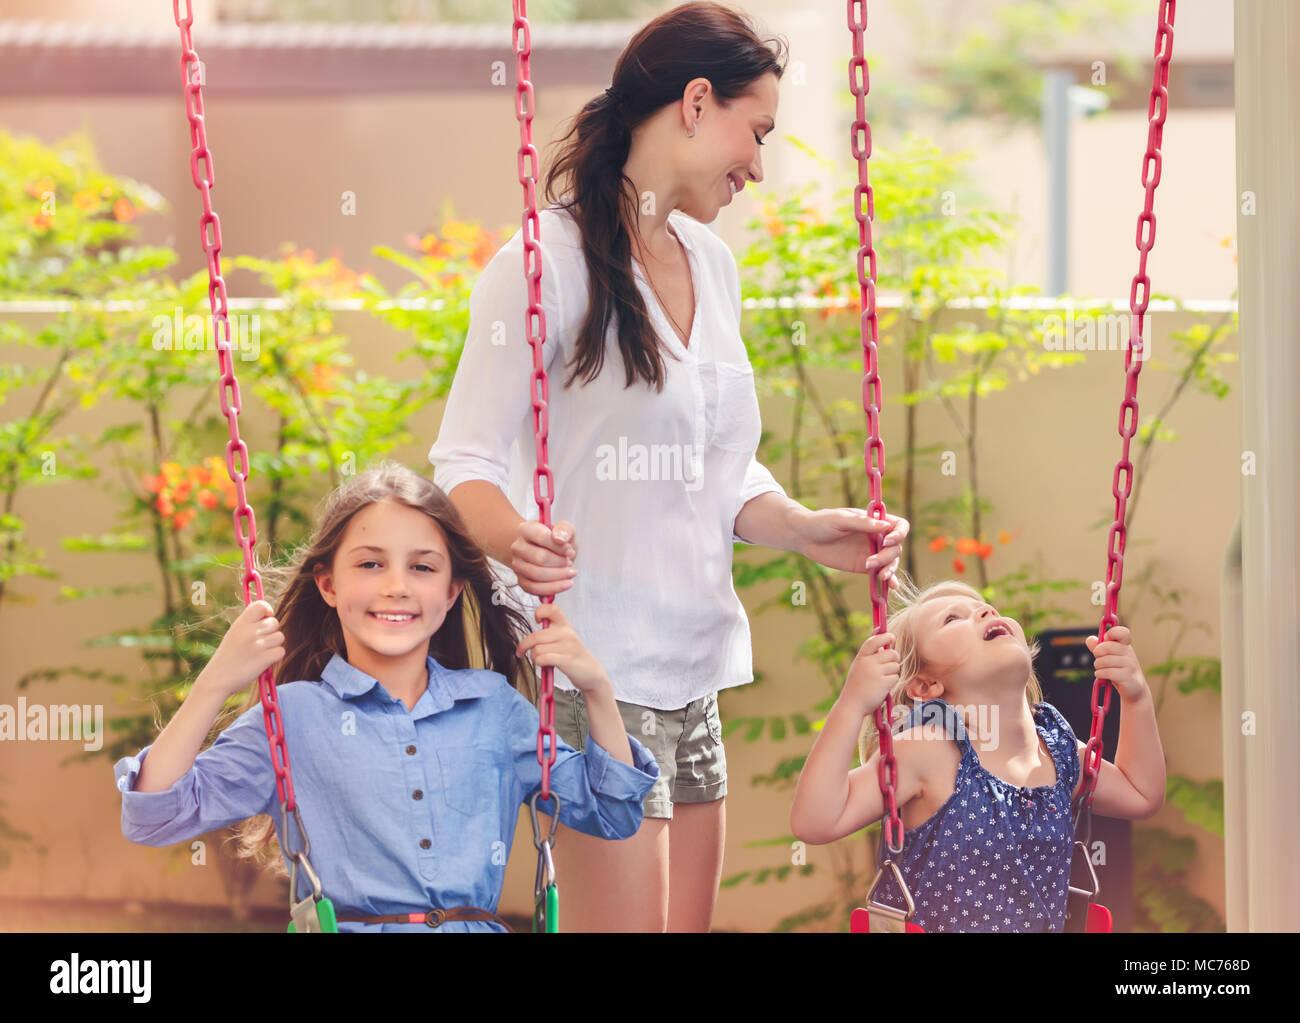 Madre de dos hijas en un patio de recreo, hermosa joven mamá rocas su preciosa niña en el columpio al aire libre, parques de diversiones para niños, familia feliz spendi Imagen De Stock